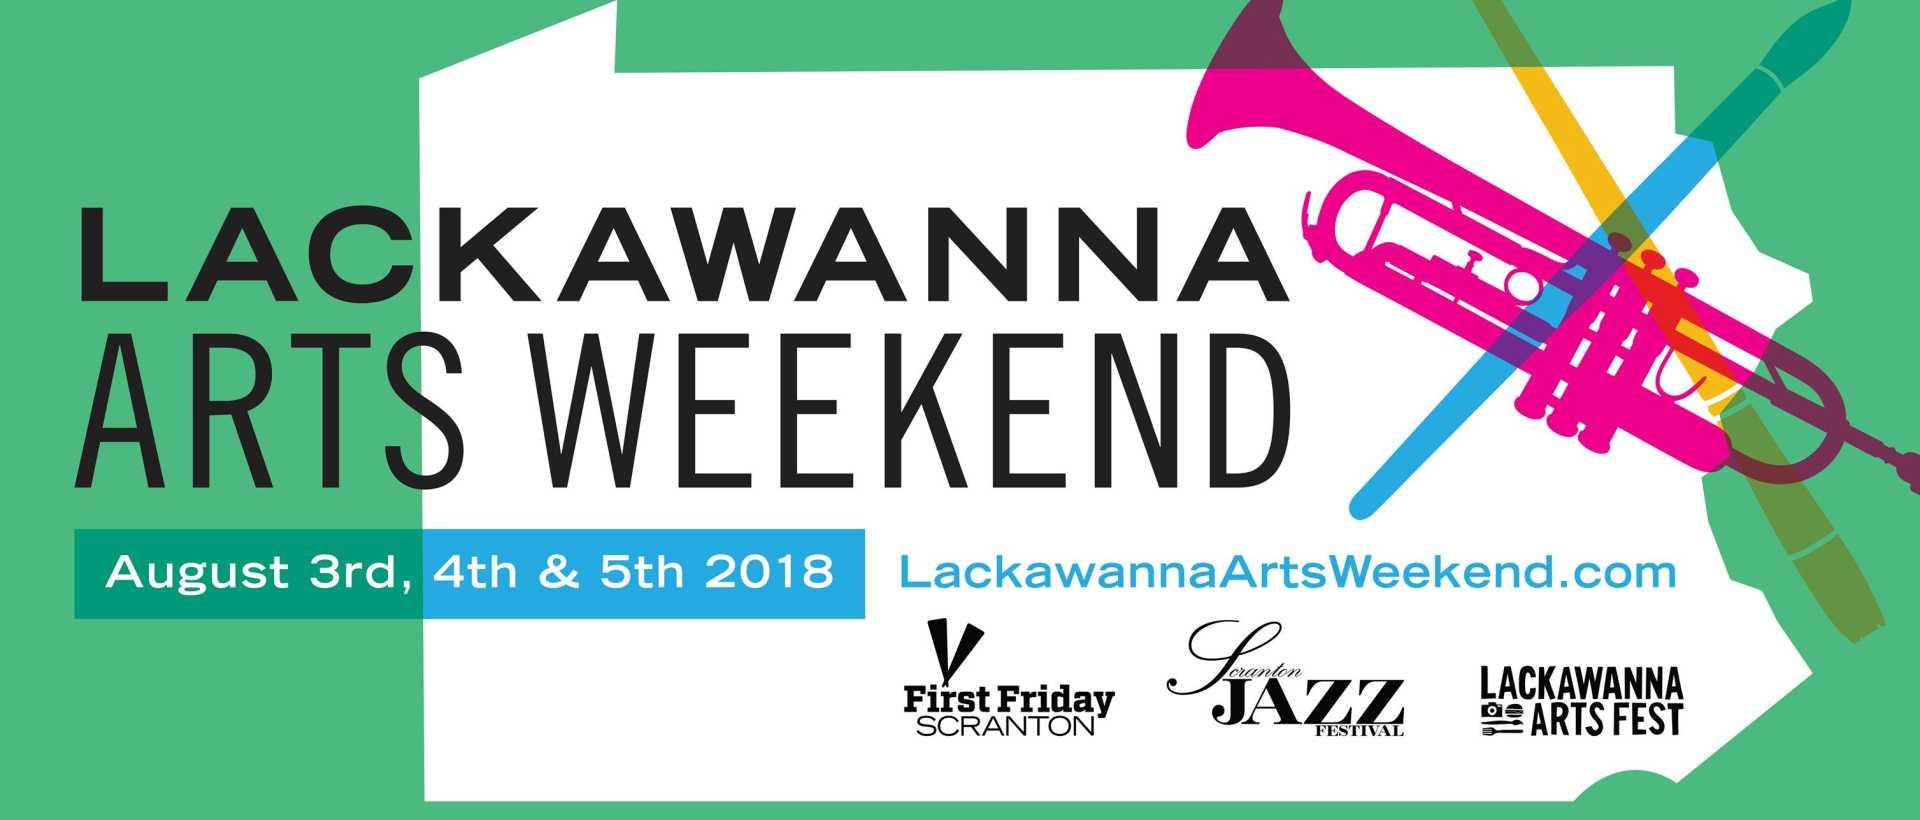 Lackawanna Arts Weekend